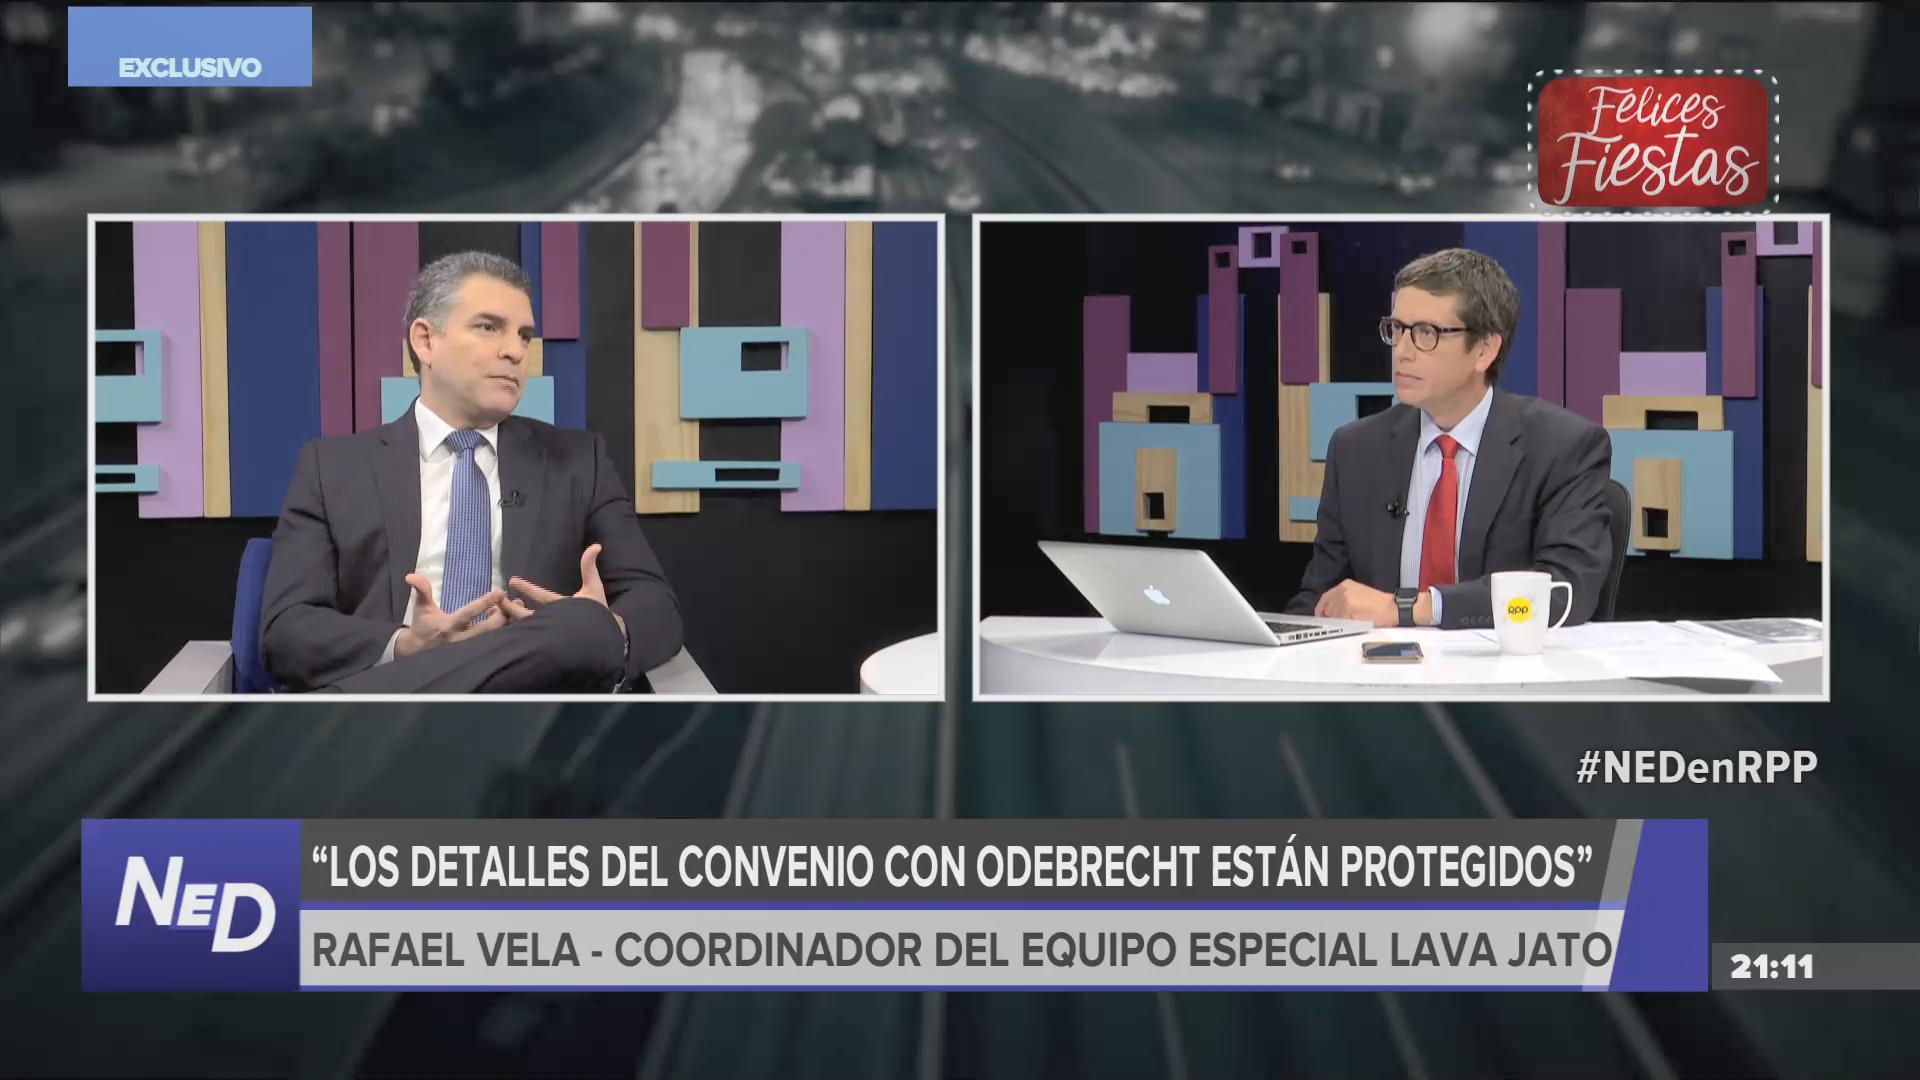 El fiscal Vela comentó que solo pueden informar datos generales sobre el acuerdo al que llegaron con Odebrecht.